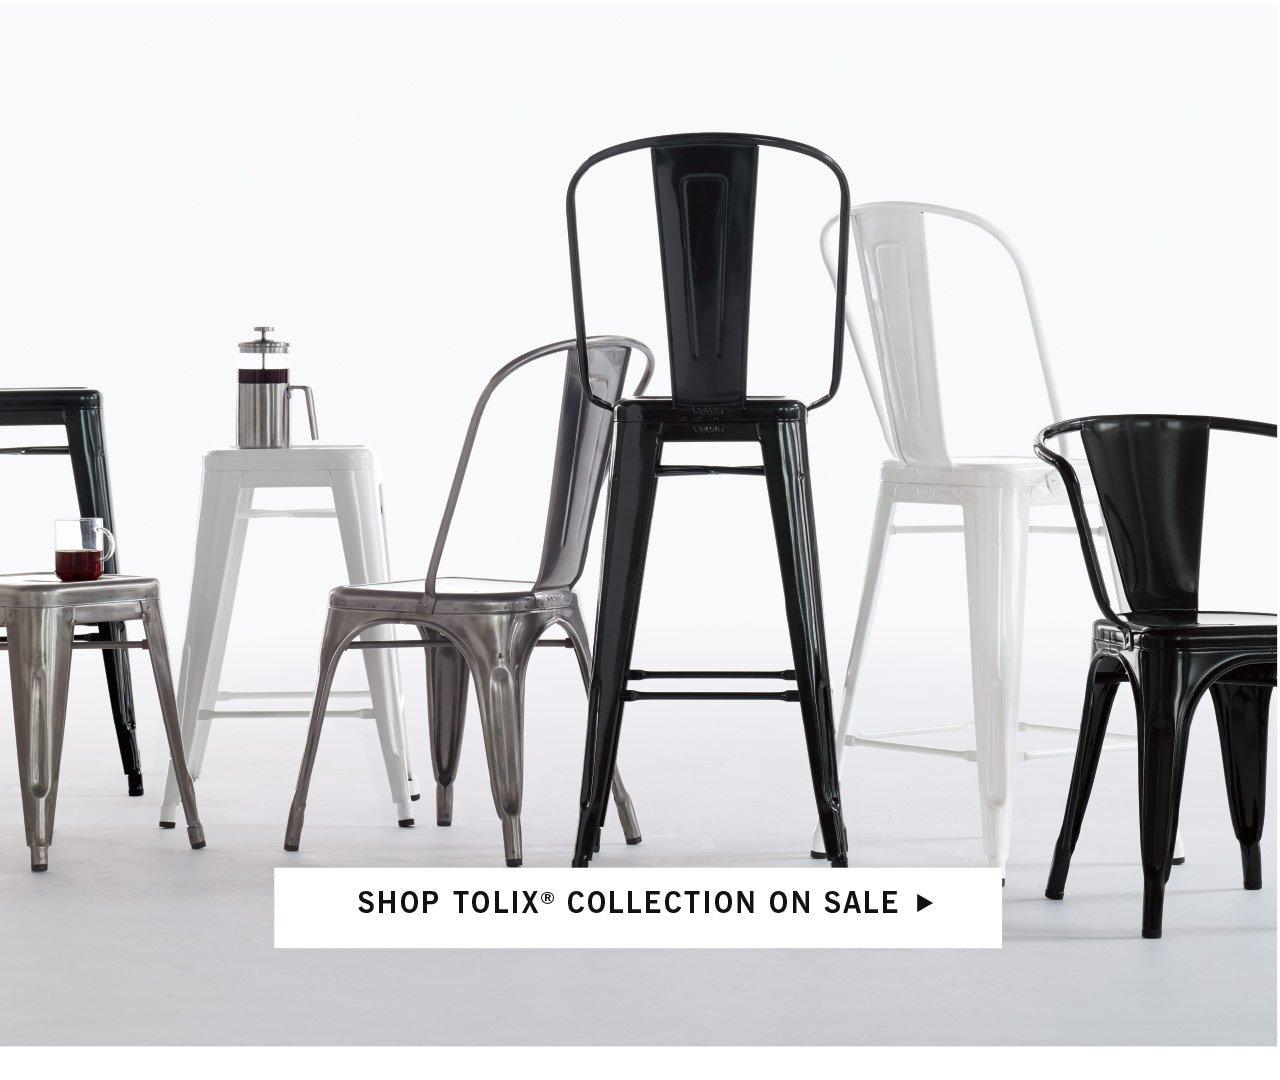 Shop Tolix Collection